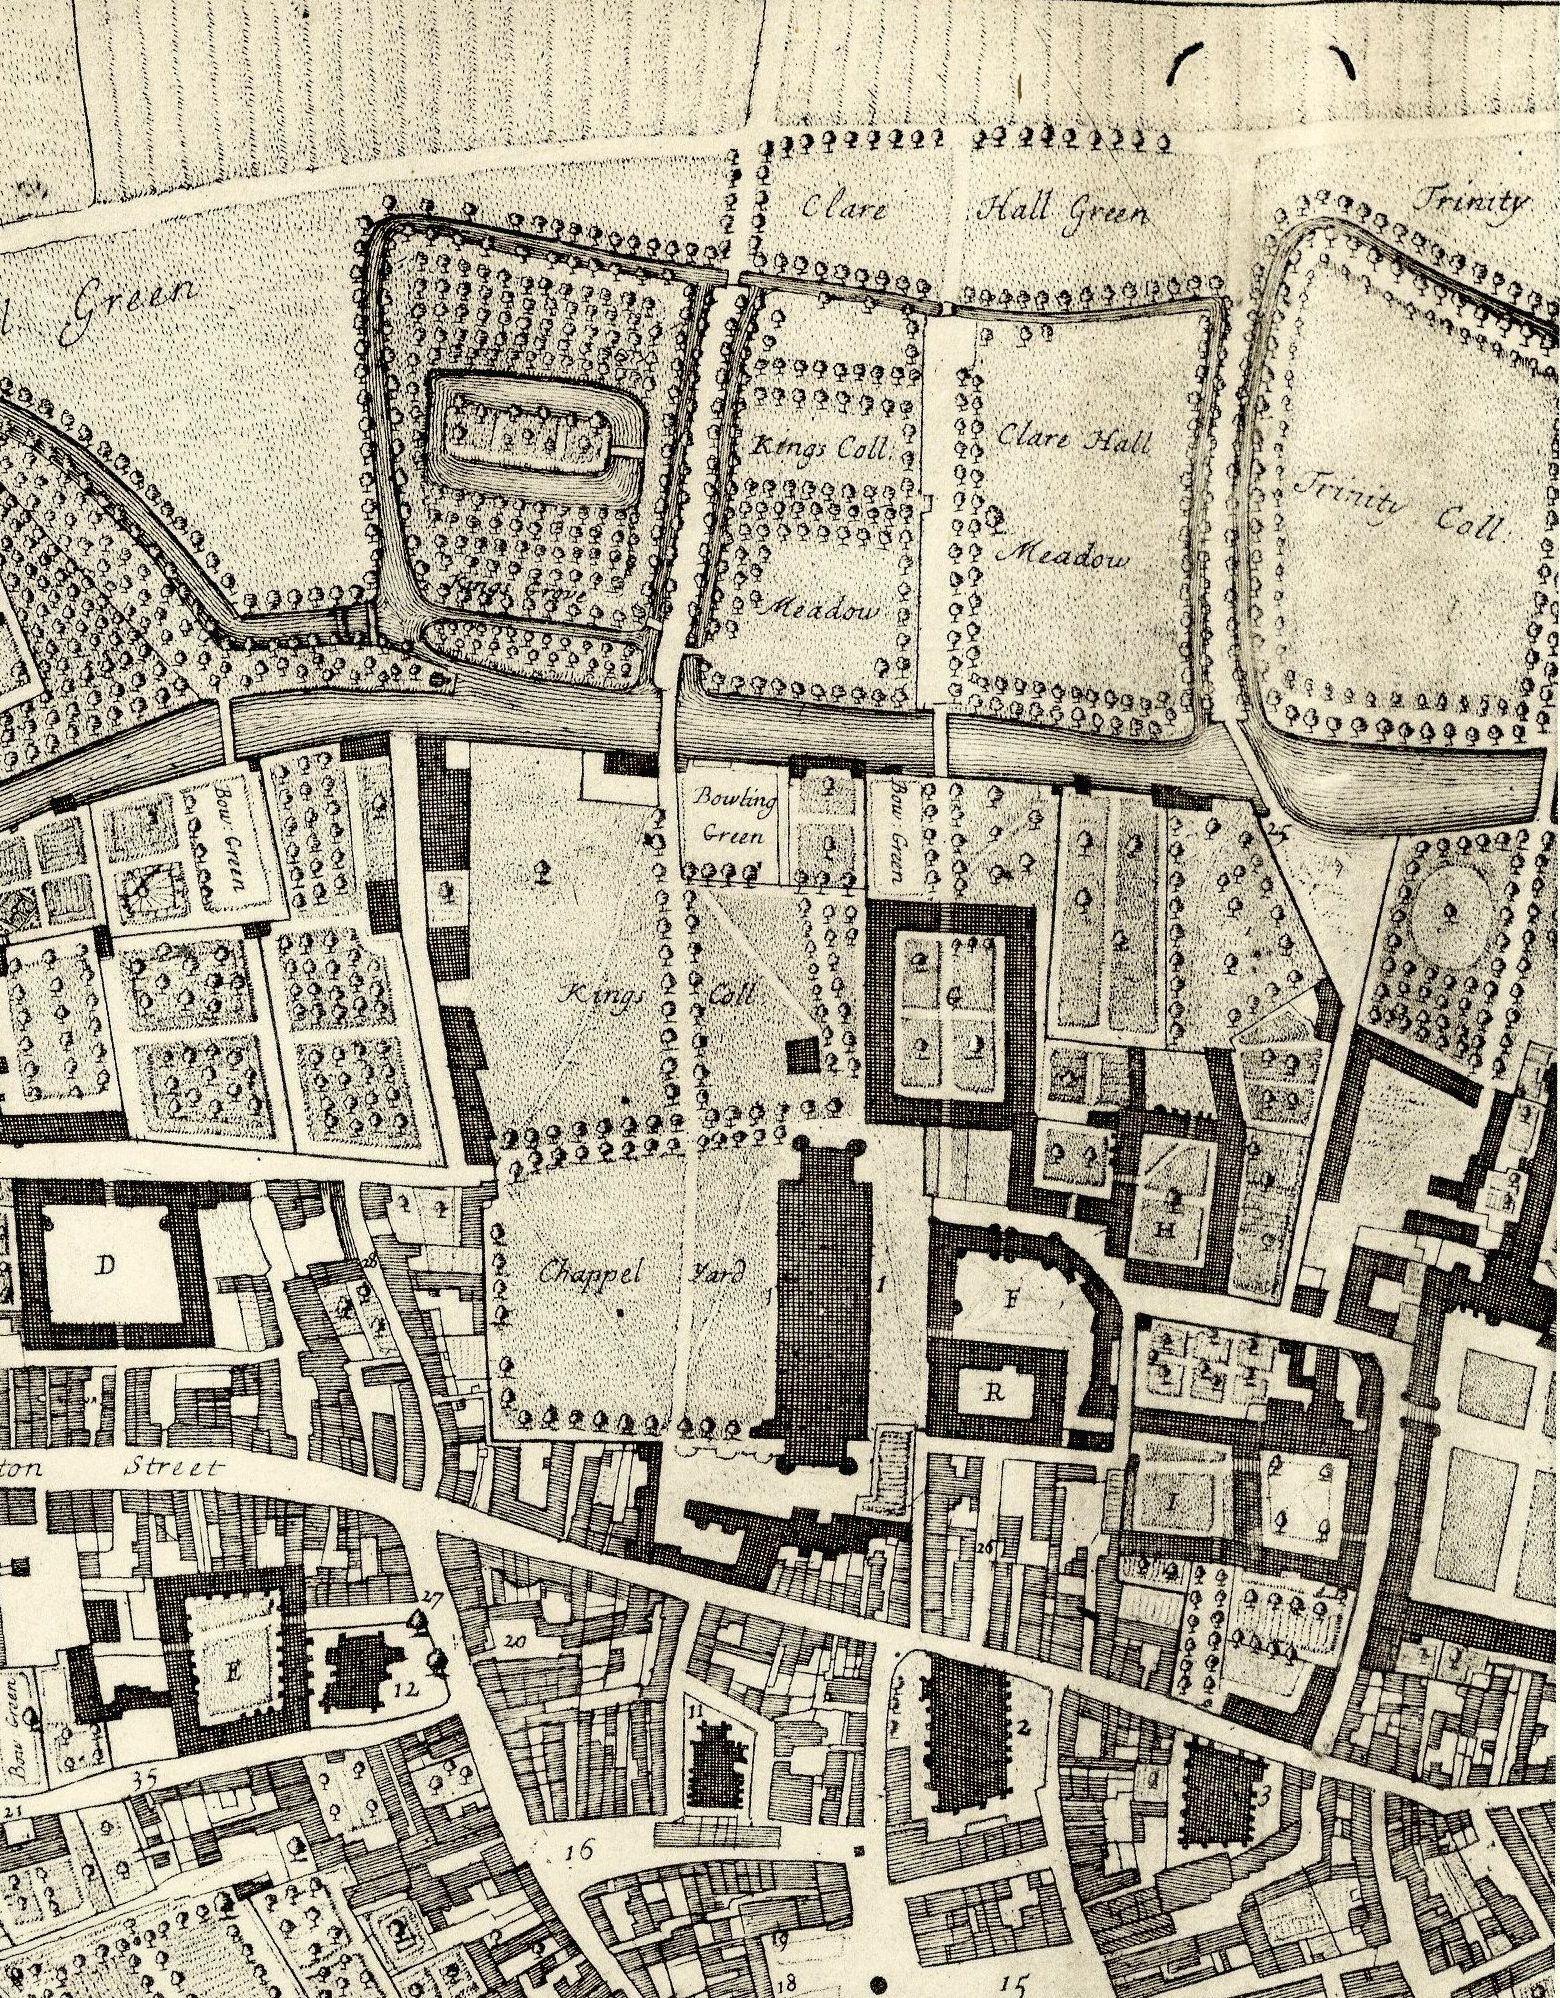 1688 Loggan_crop